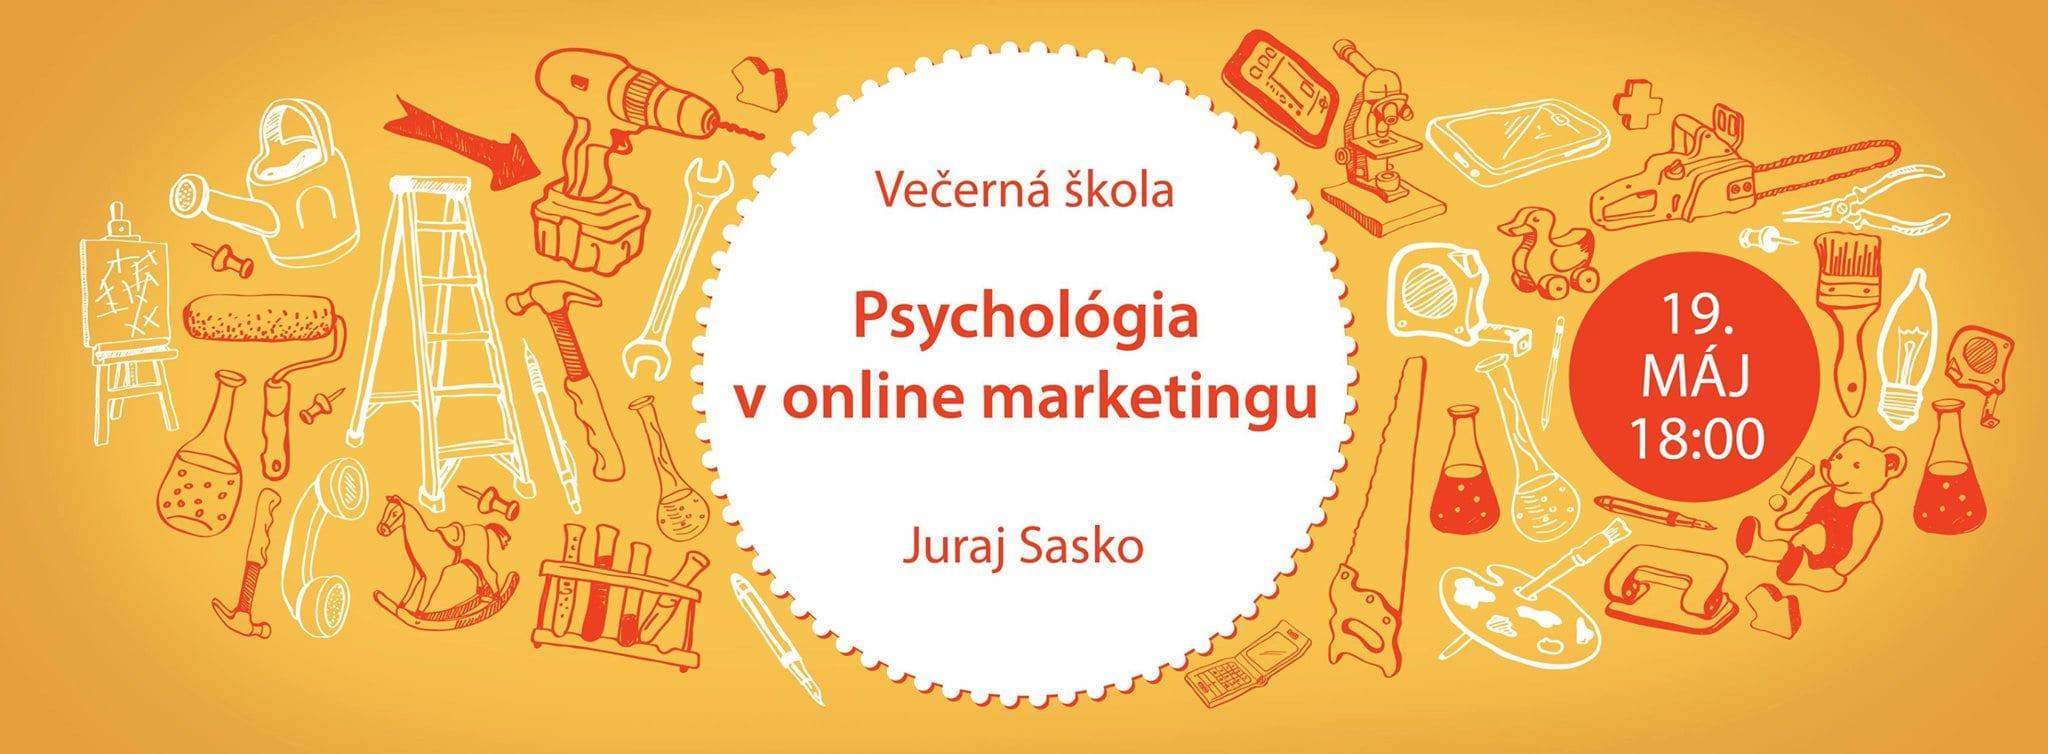 11169698 853525271395974 5883176934054906878 o - Psychológia v online marketingu